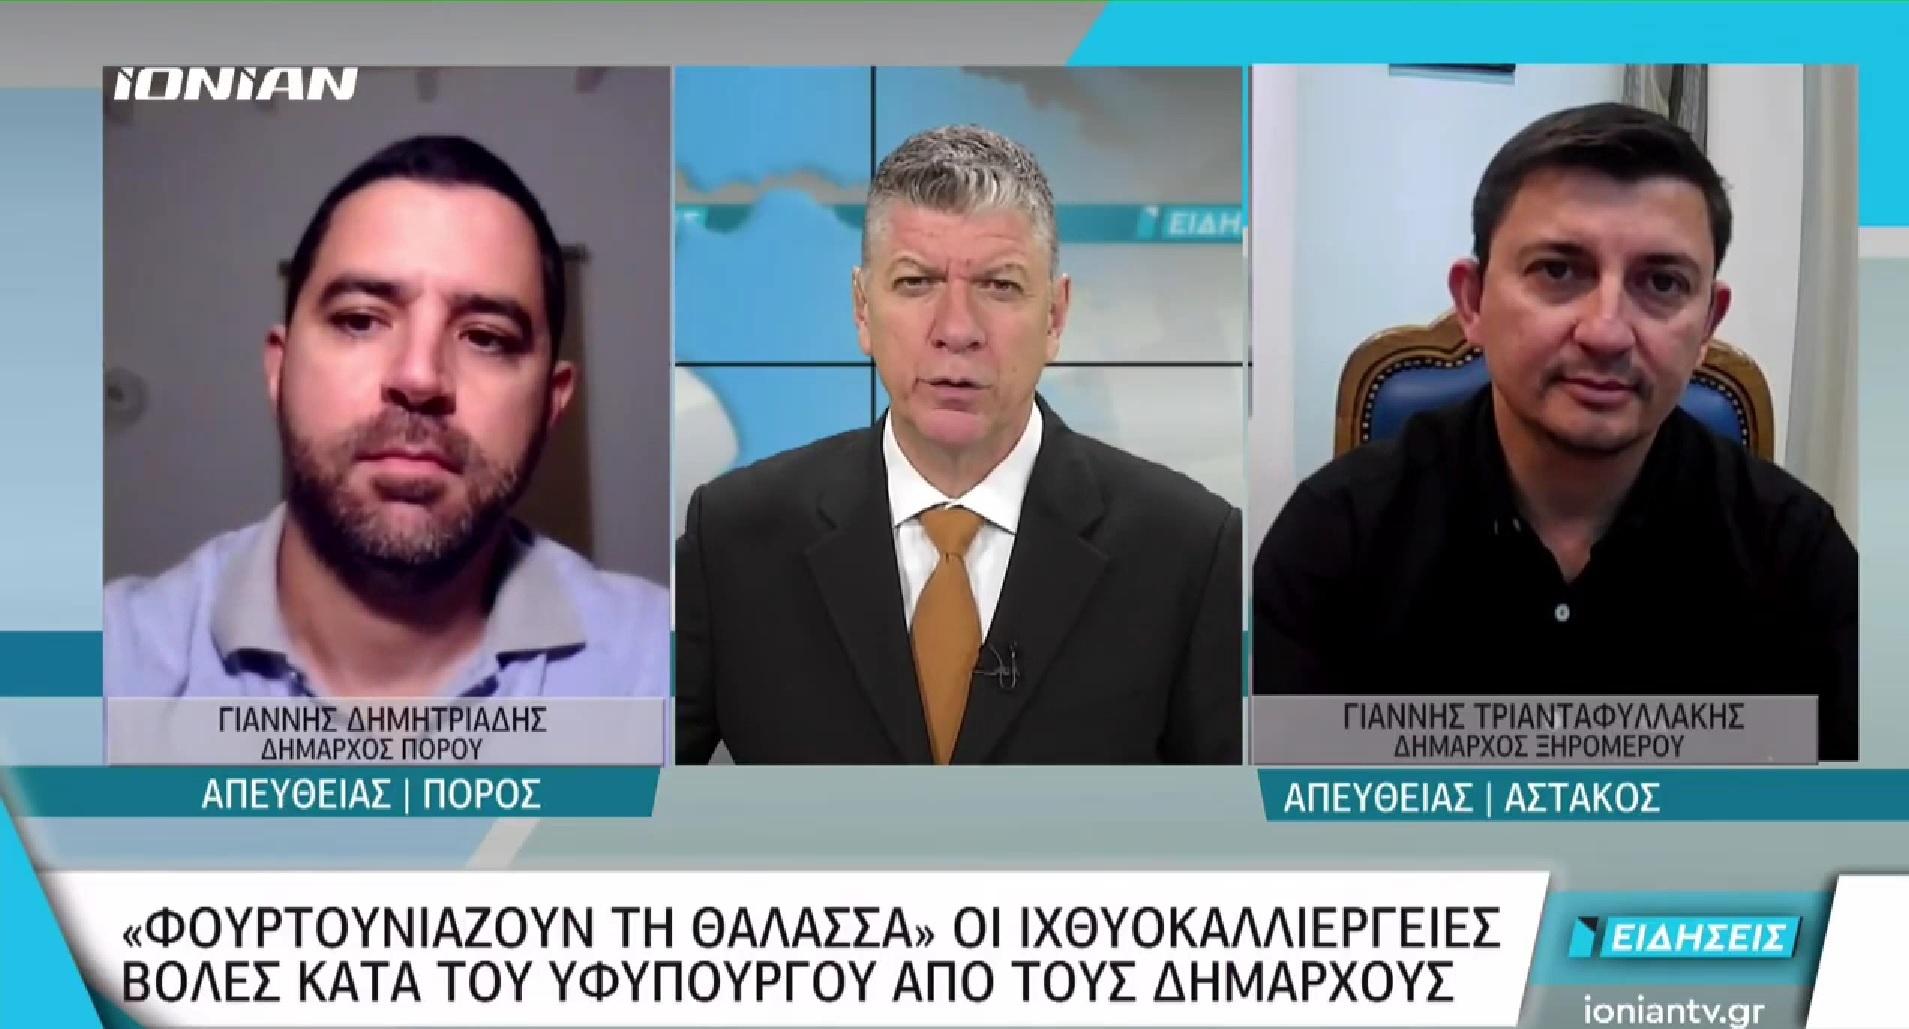 GIANNIS TRIANTAFILAKIS KAI GIANNIS DIMITRIADIS STO IONIAN